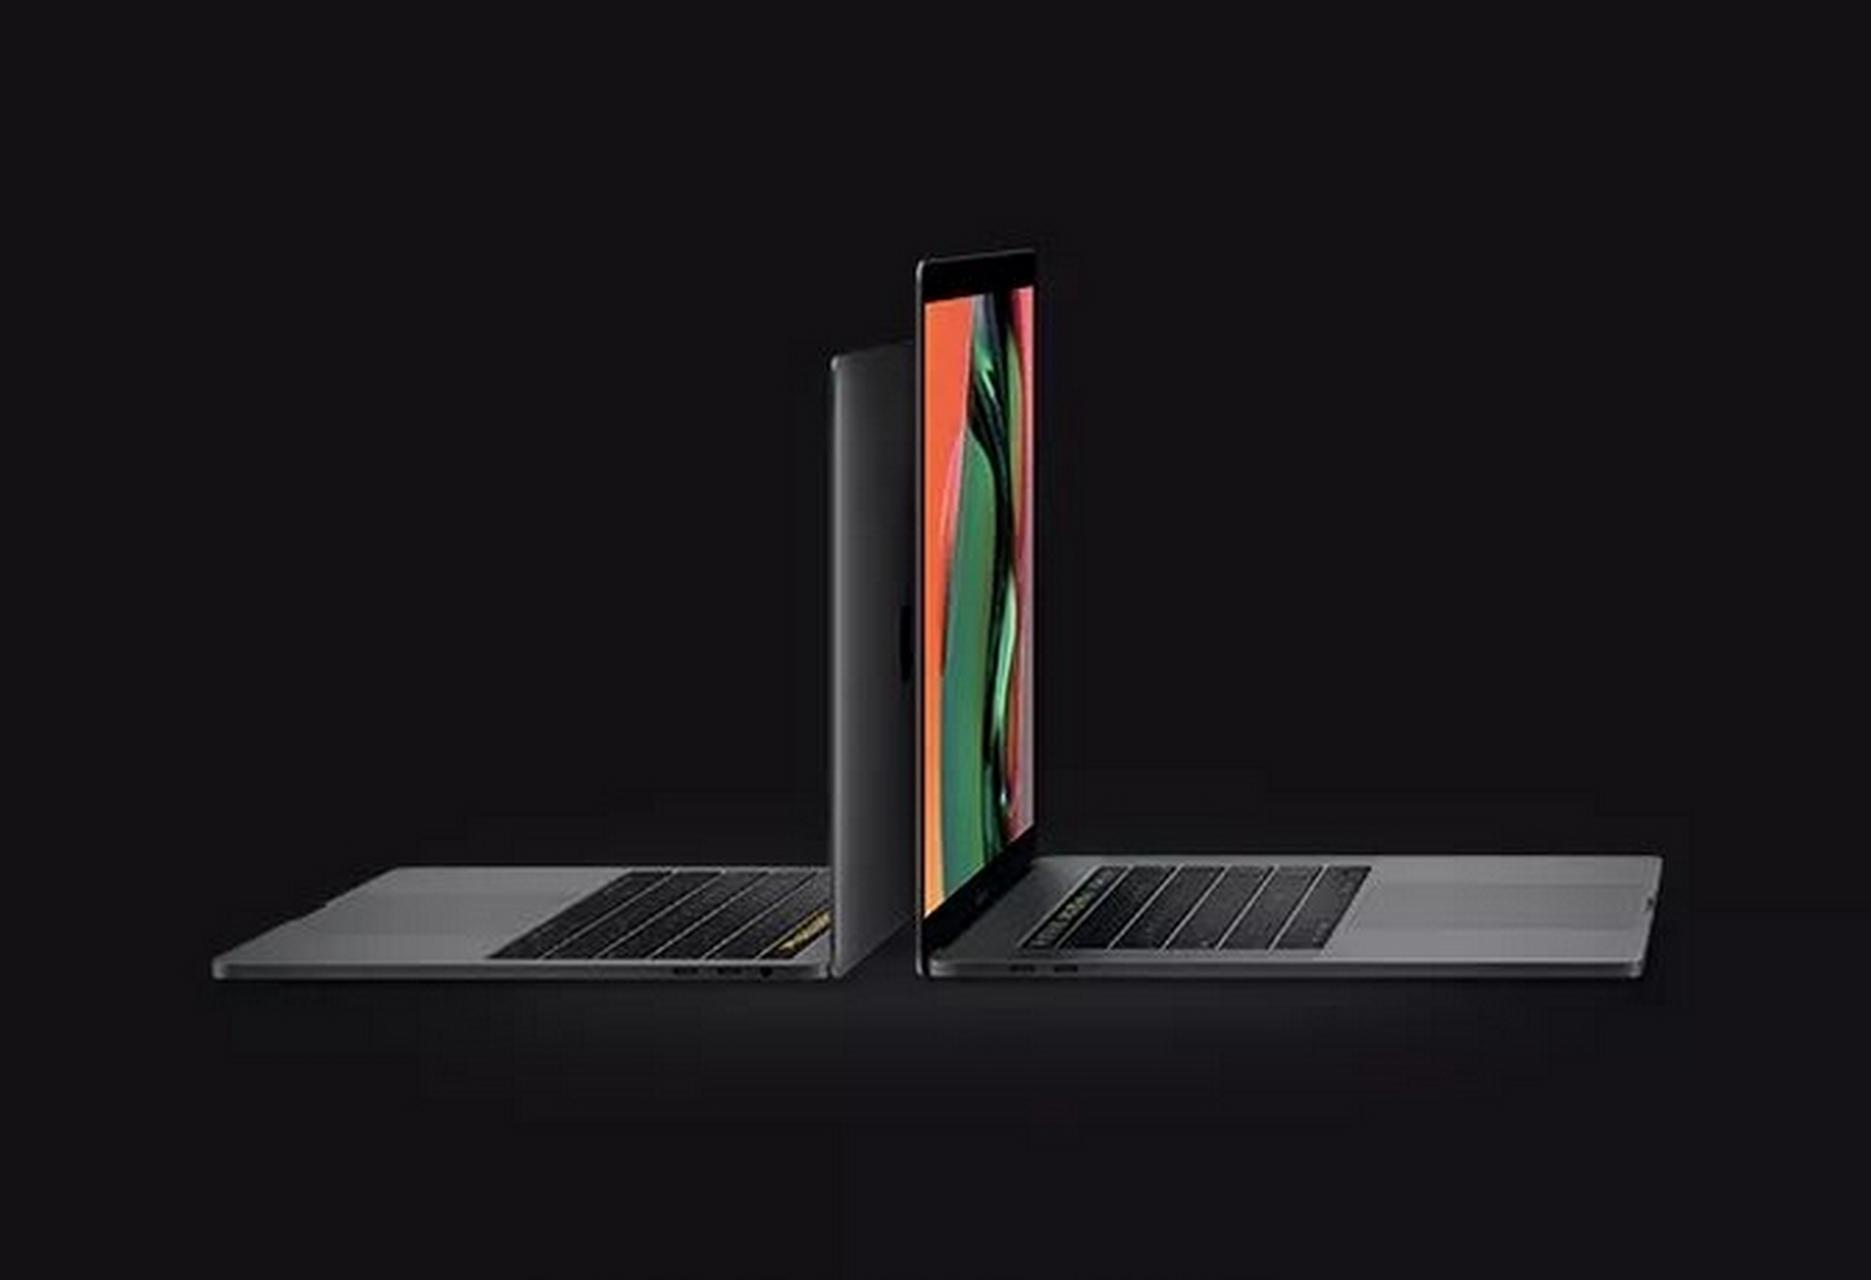 苹果突然发布新一代MacBook Pro,该系列笔记本分为13英寸和15英寸版本,全系搭载英特